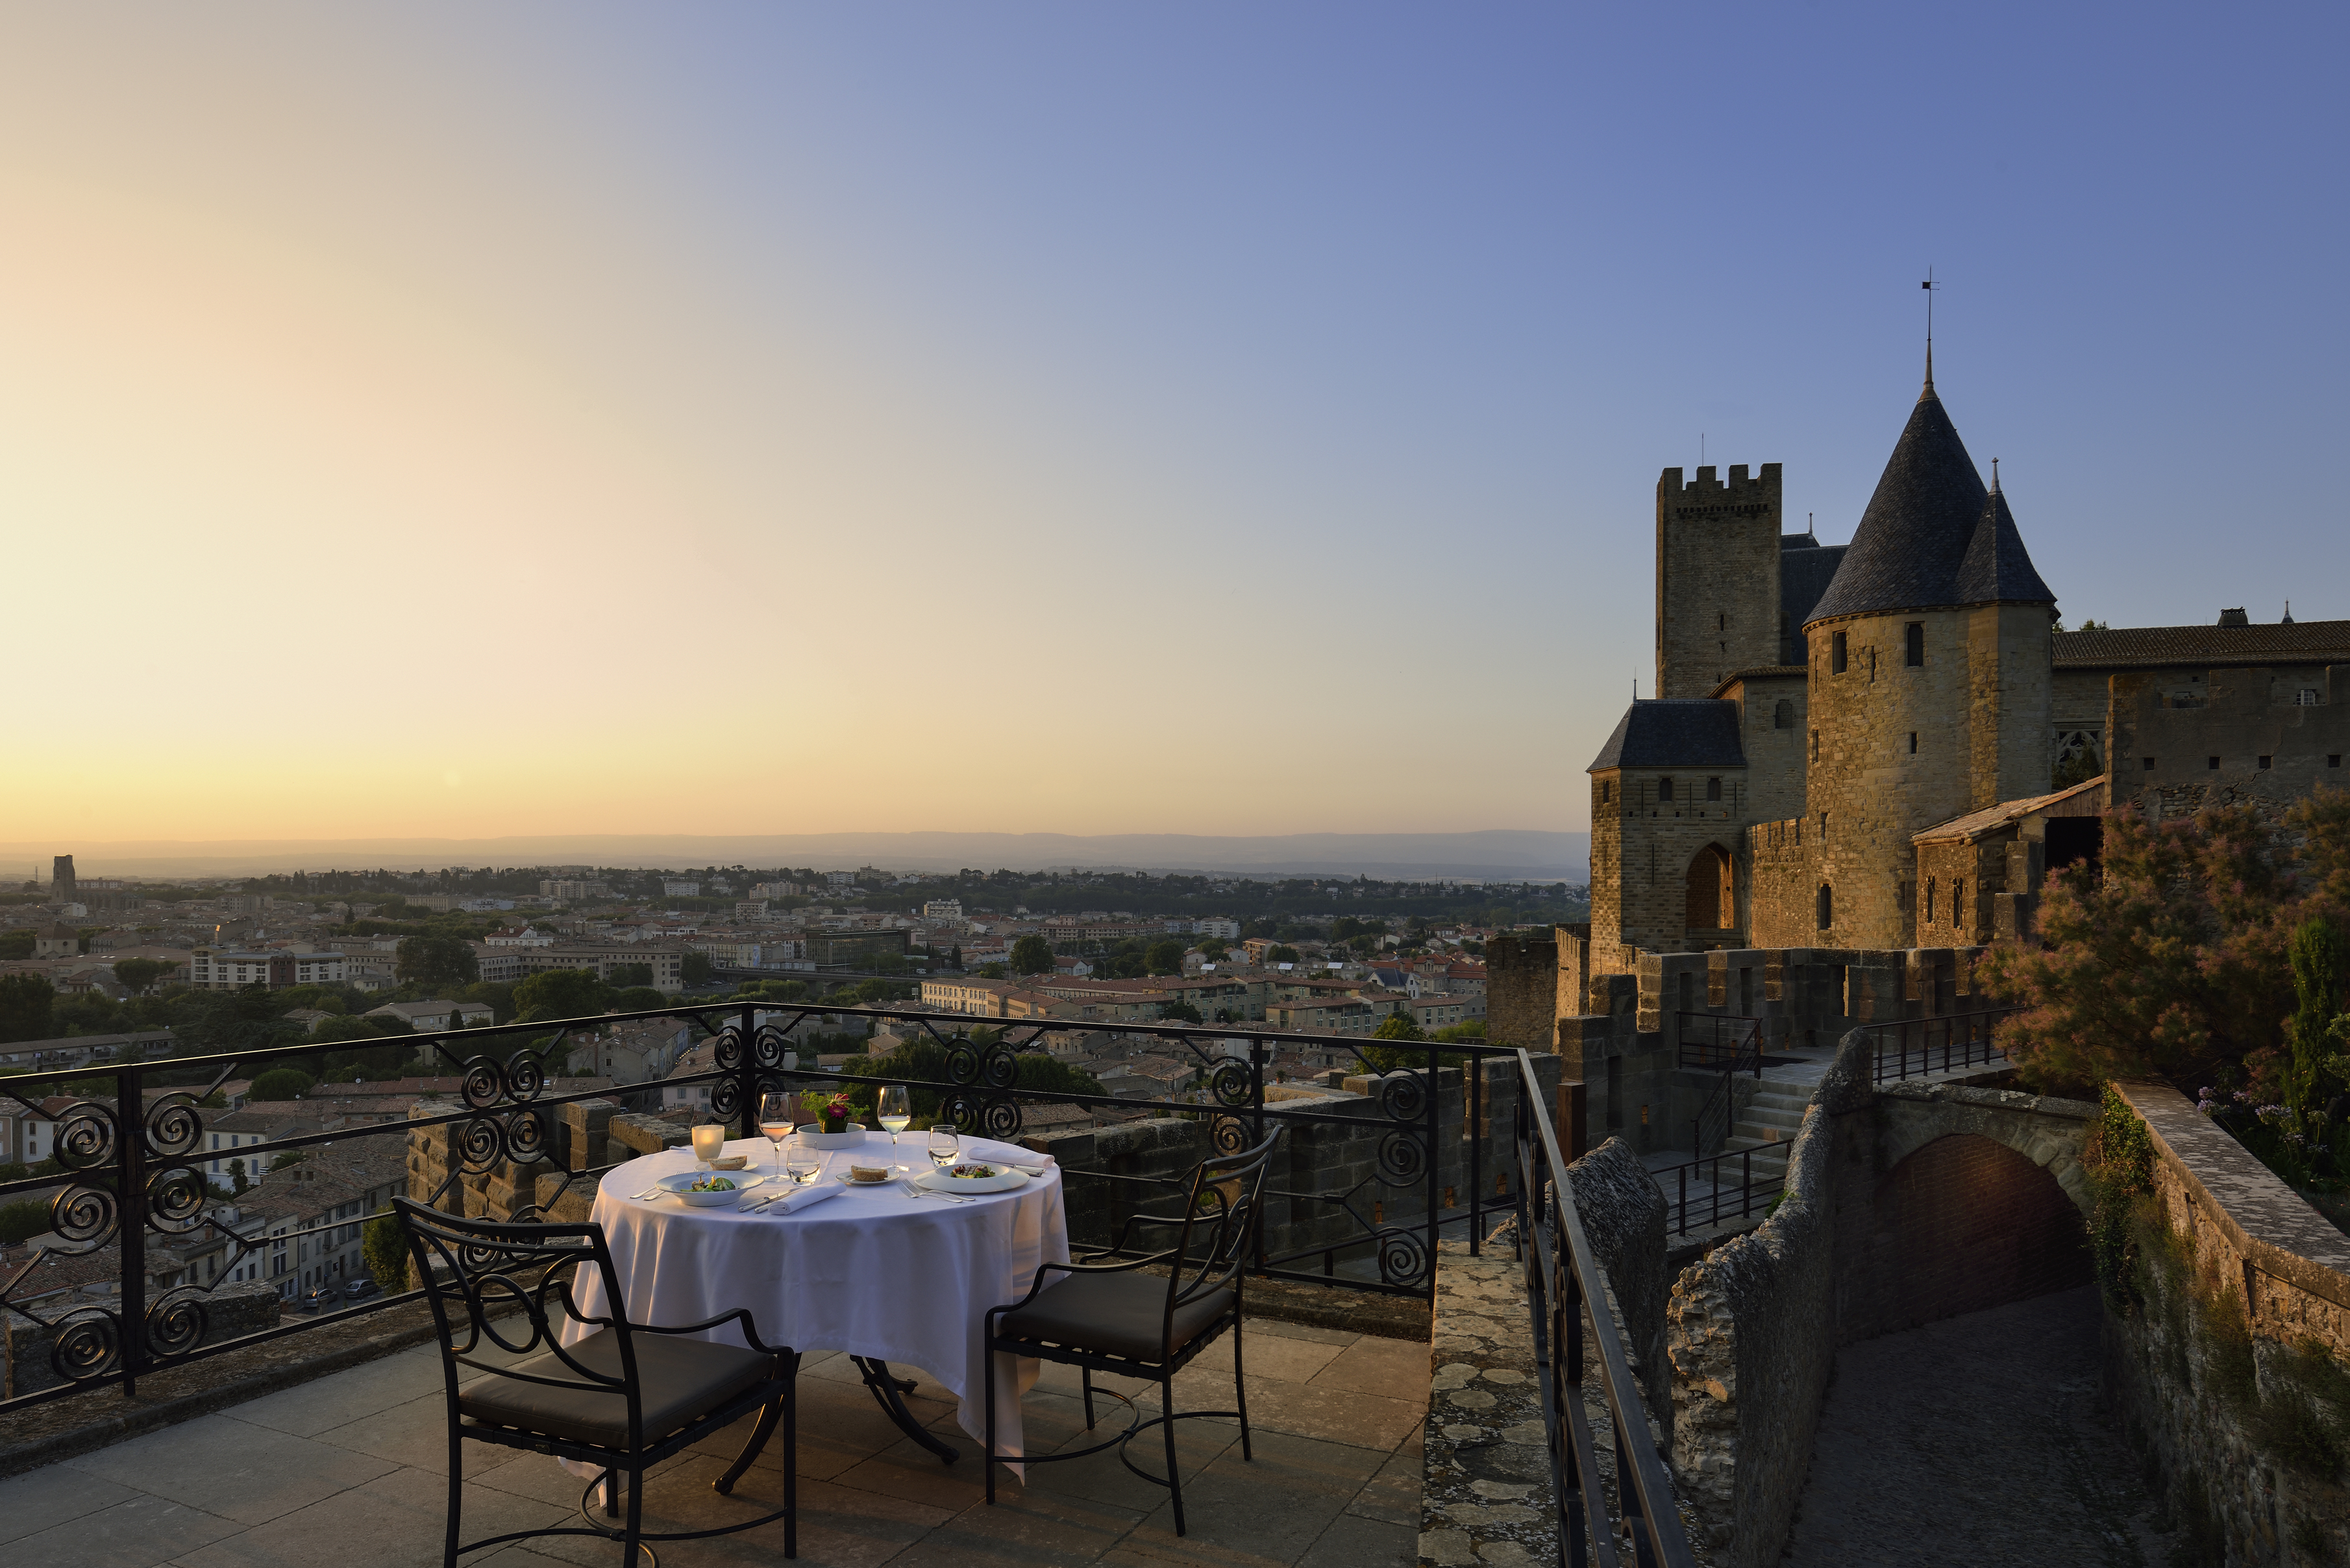 Restaurant Etoile  Etoiles Aude Fontjoncouse